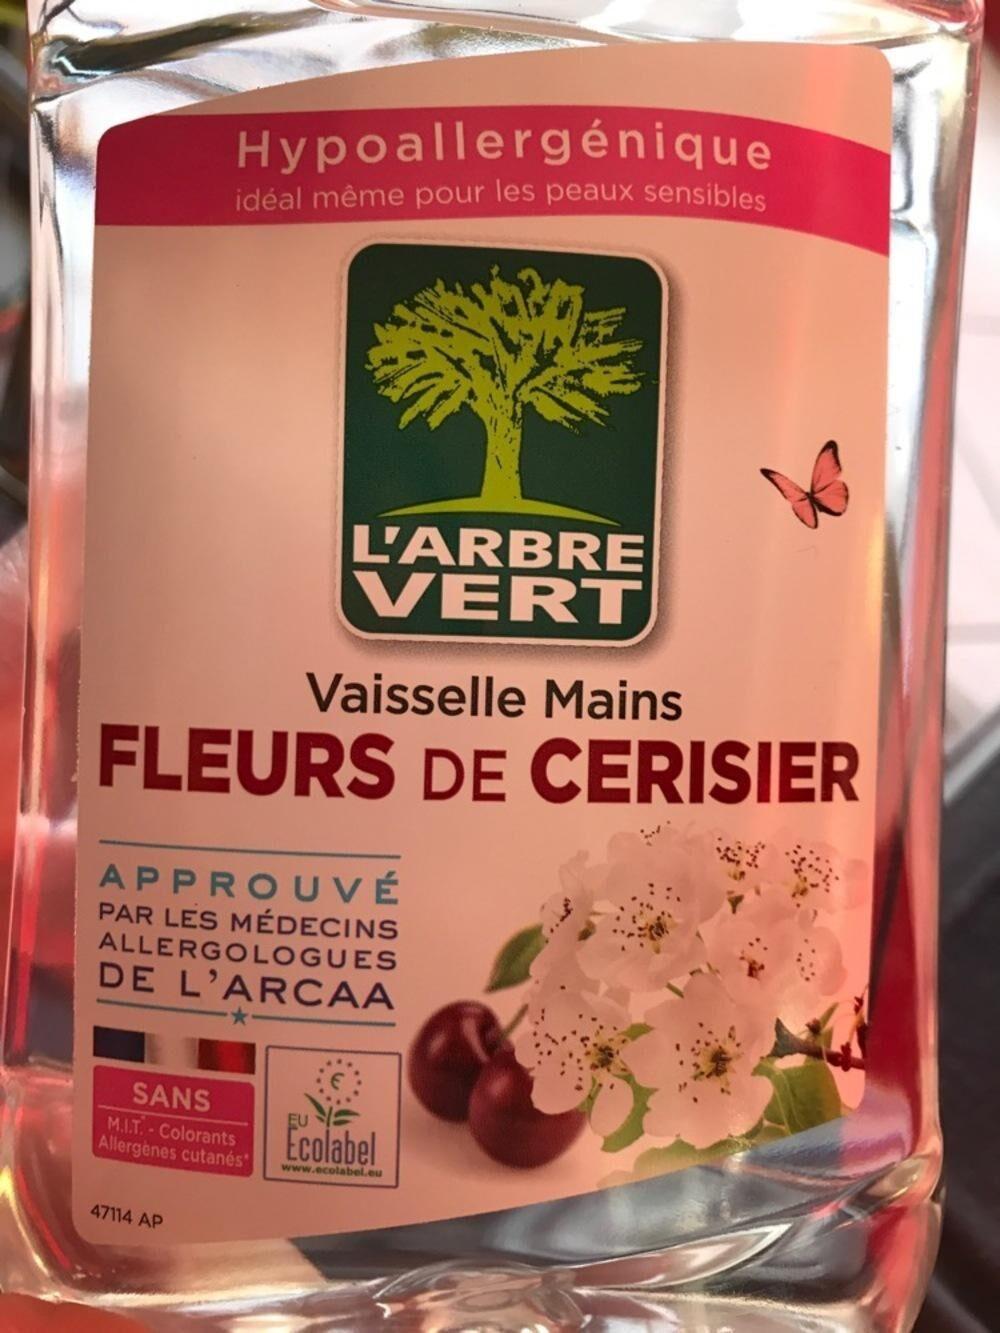 Vaisselle main l'arbre vert fleurs de cerisier - Product - fr